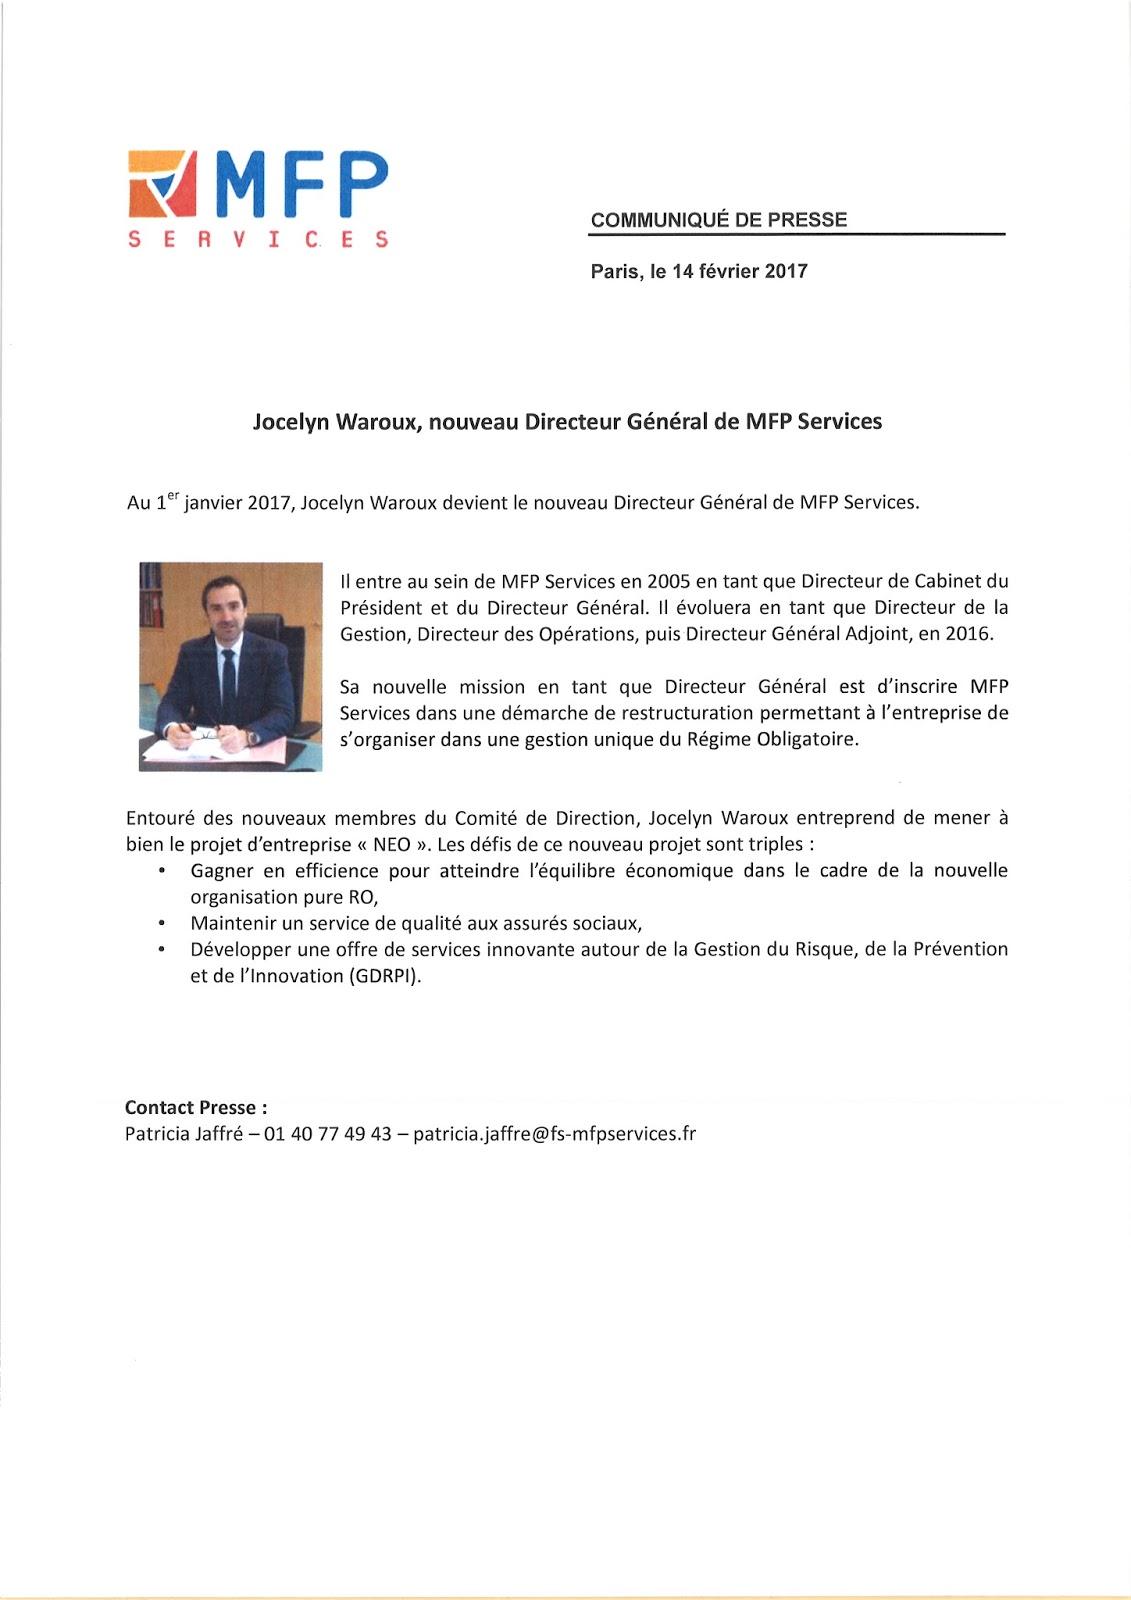 MINE D\'INFOS: Jocelyn Waroux nommé Directeur général de MFP Services